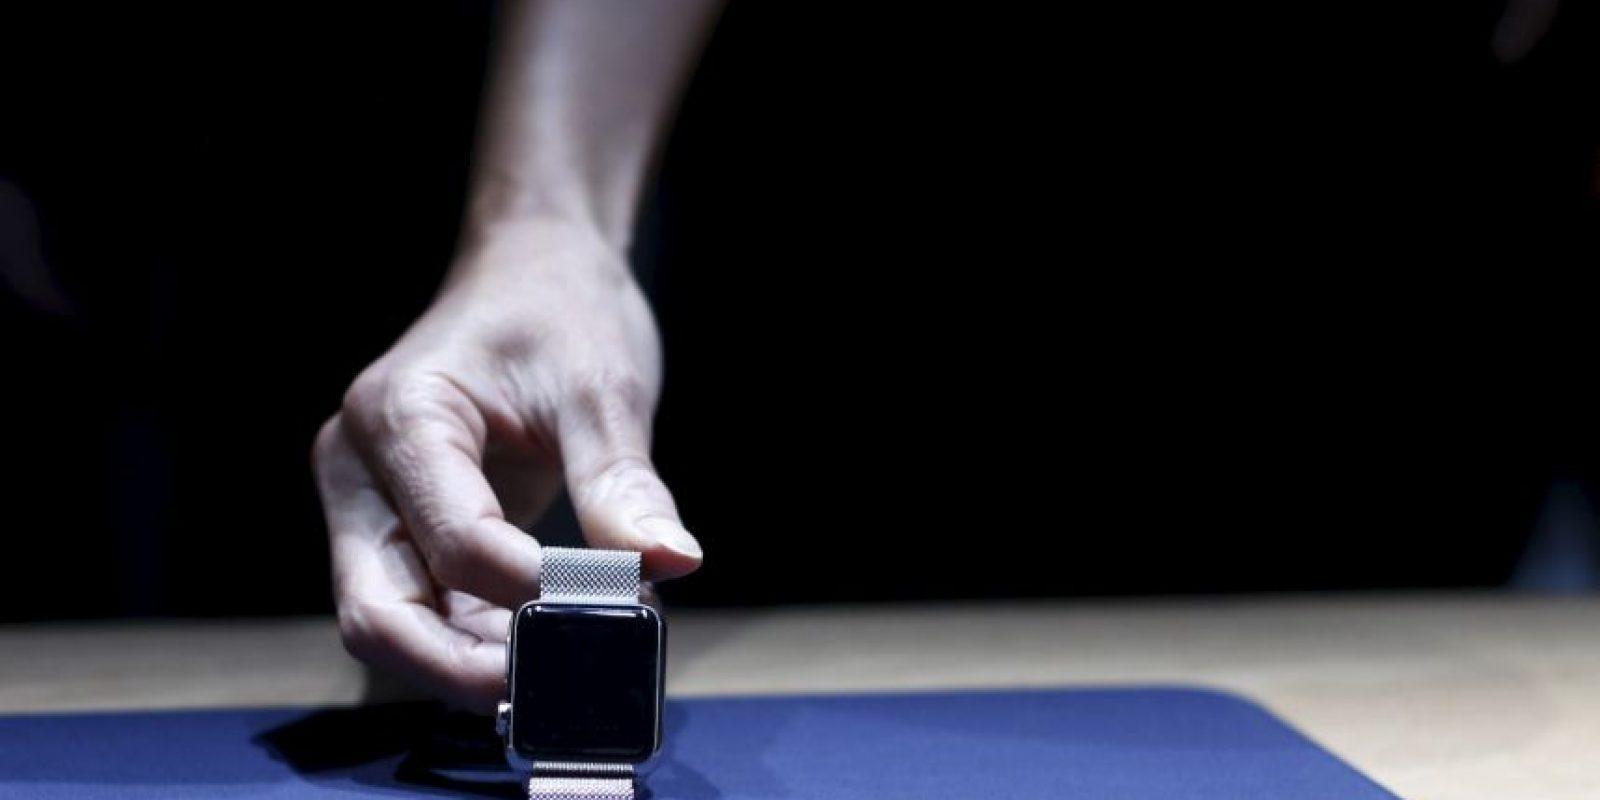 """Esperen un segundo ¿No es la promesa del Apple Watch ayudarnos a estar en el momento, centrado en la gente a mi alrededor. Entonces, ¿Por qué de repente me siento tan distraído?"""" Foto:Getty Images"""